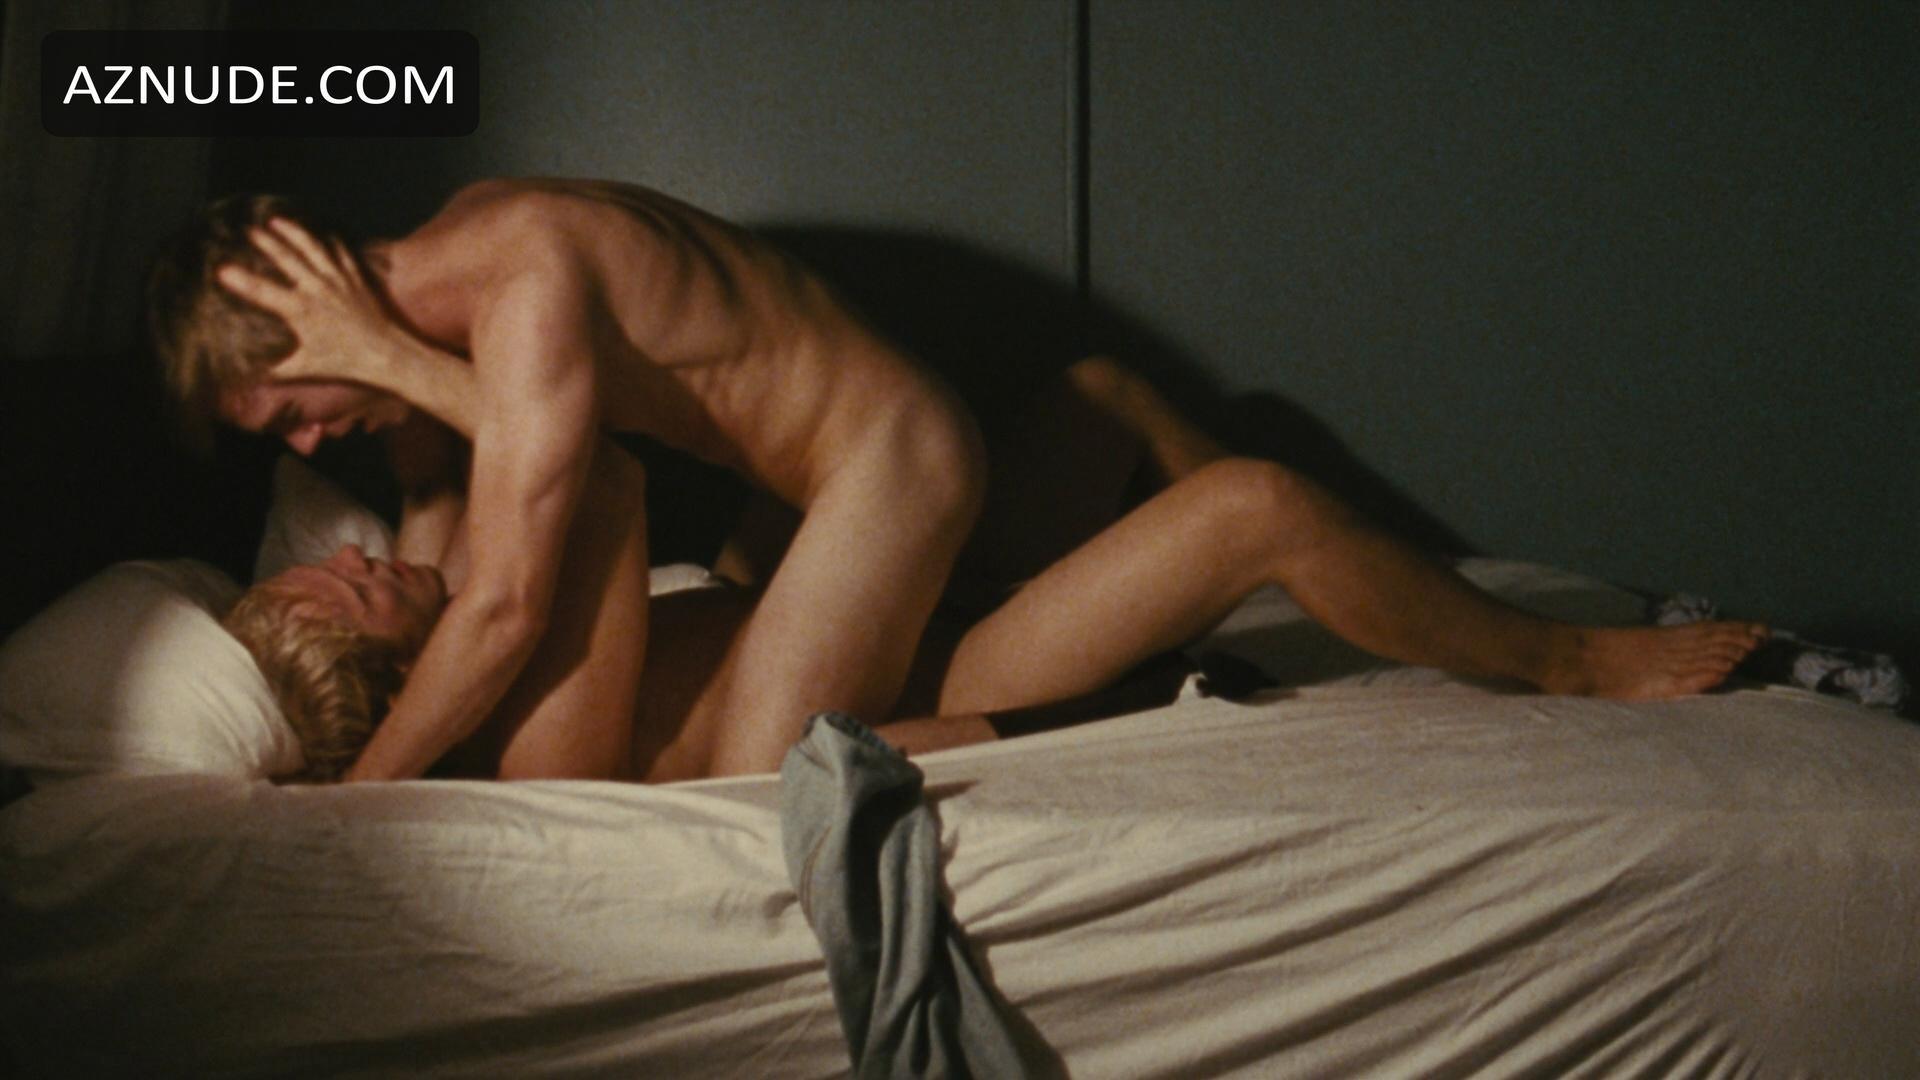 Keep The Lights On Nude Scenes - Aznude Men-1063